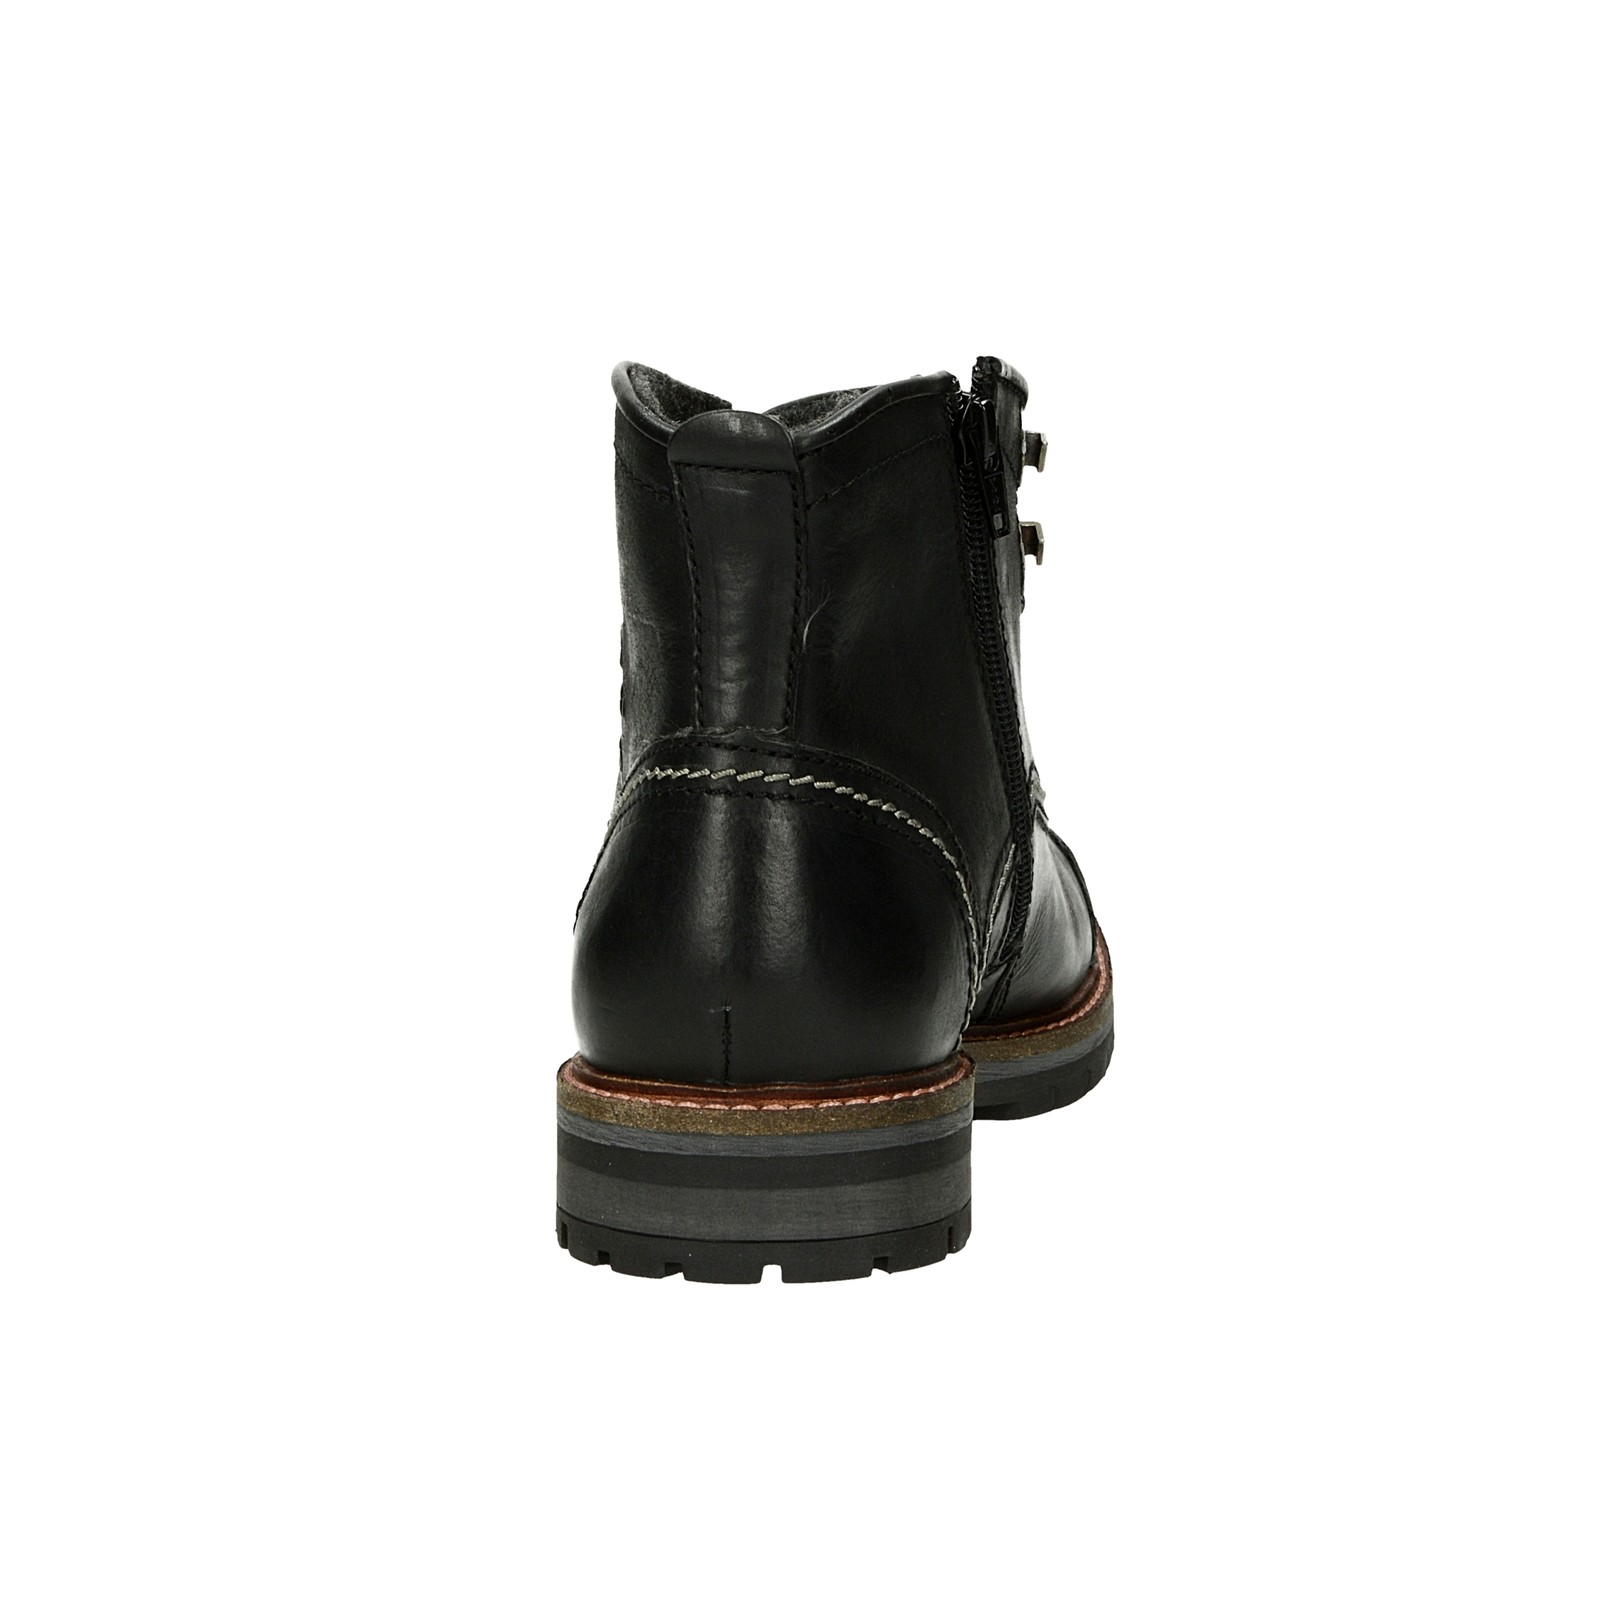 ... Bugatti pánska kožená členková obuv na zips - čierna ... 842cd3c823c